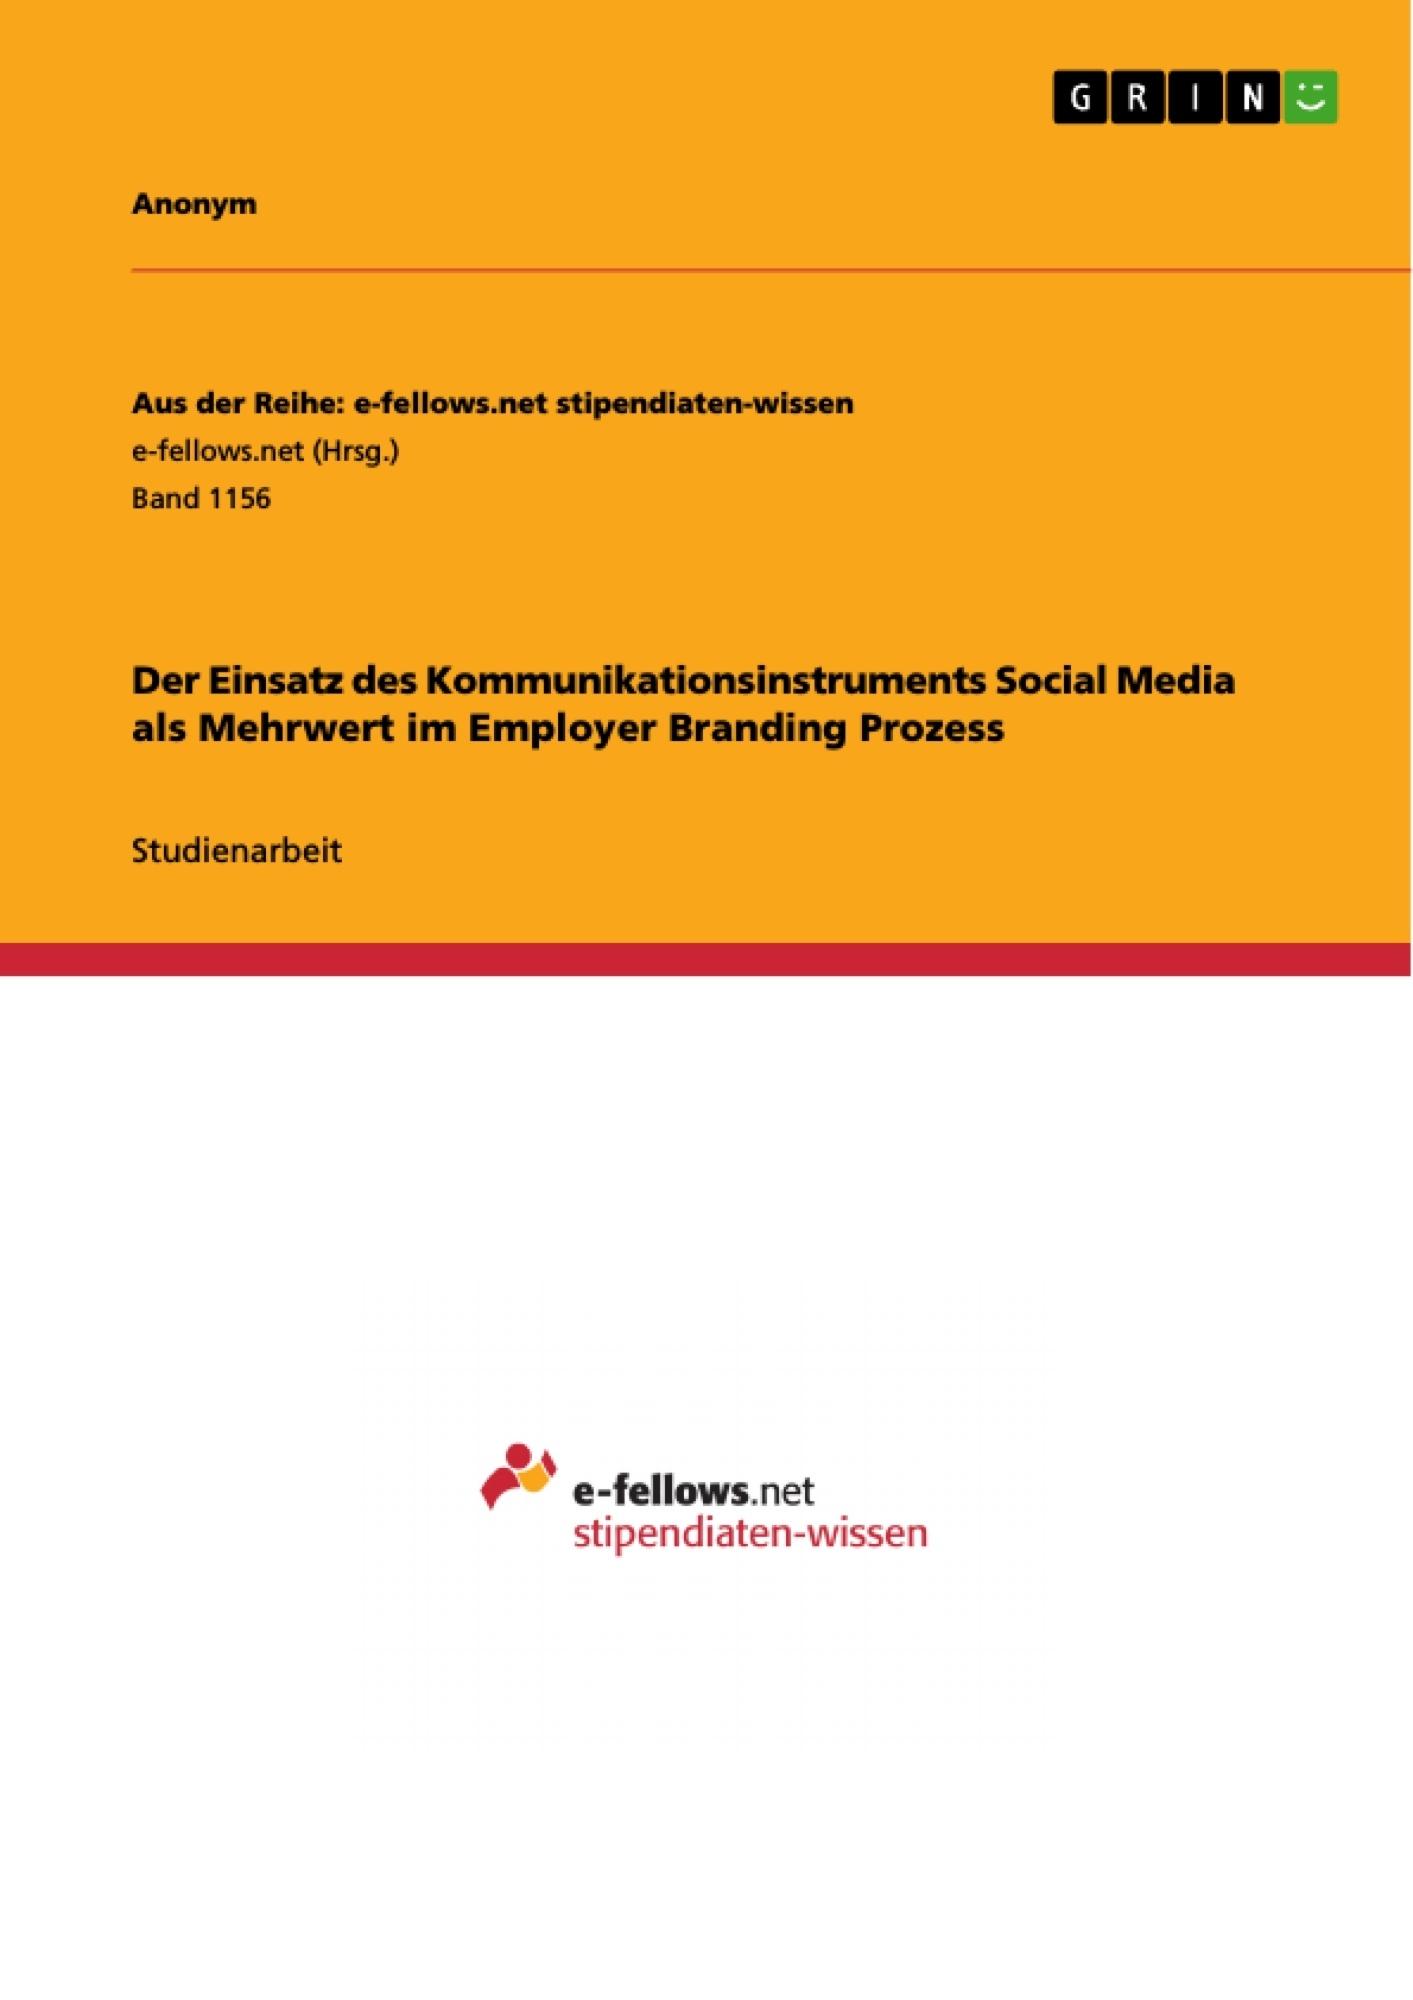 Titel: Der Einsatz des Kommunikationsinstruments Social Media als Mehrwert im Employer Branding Prozess